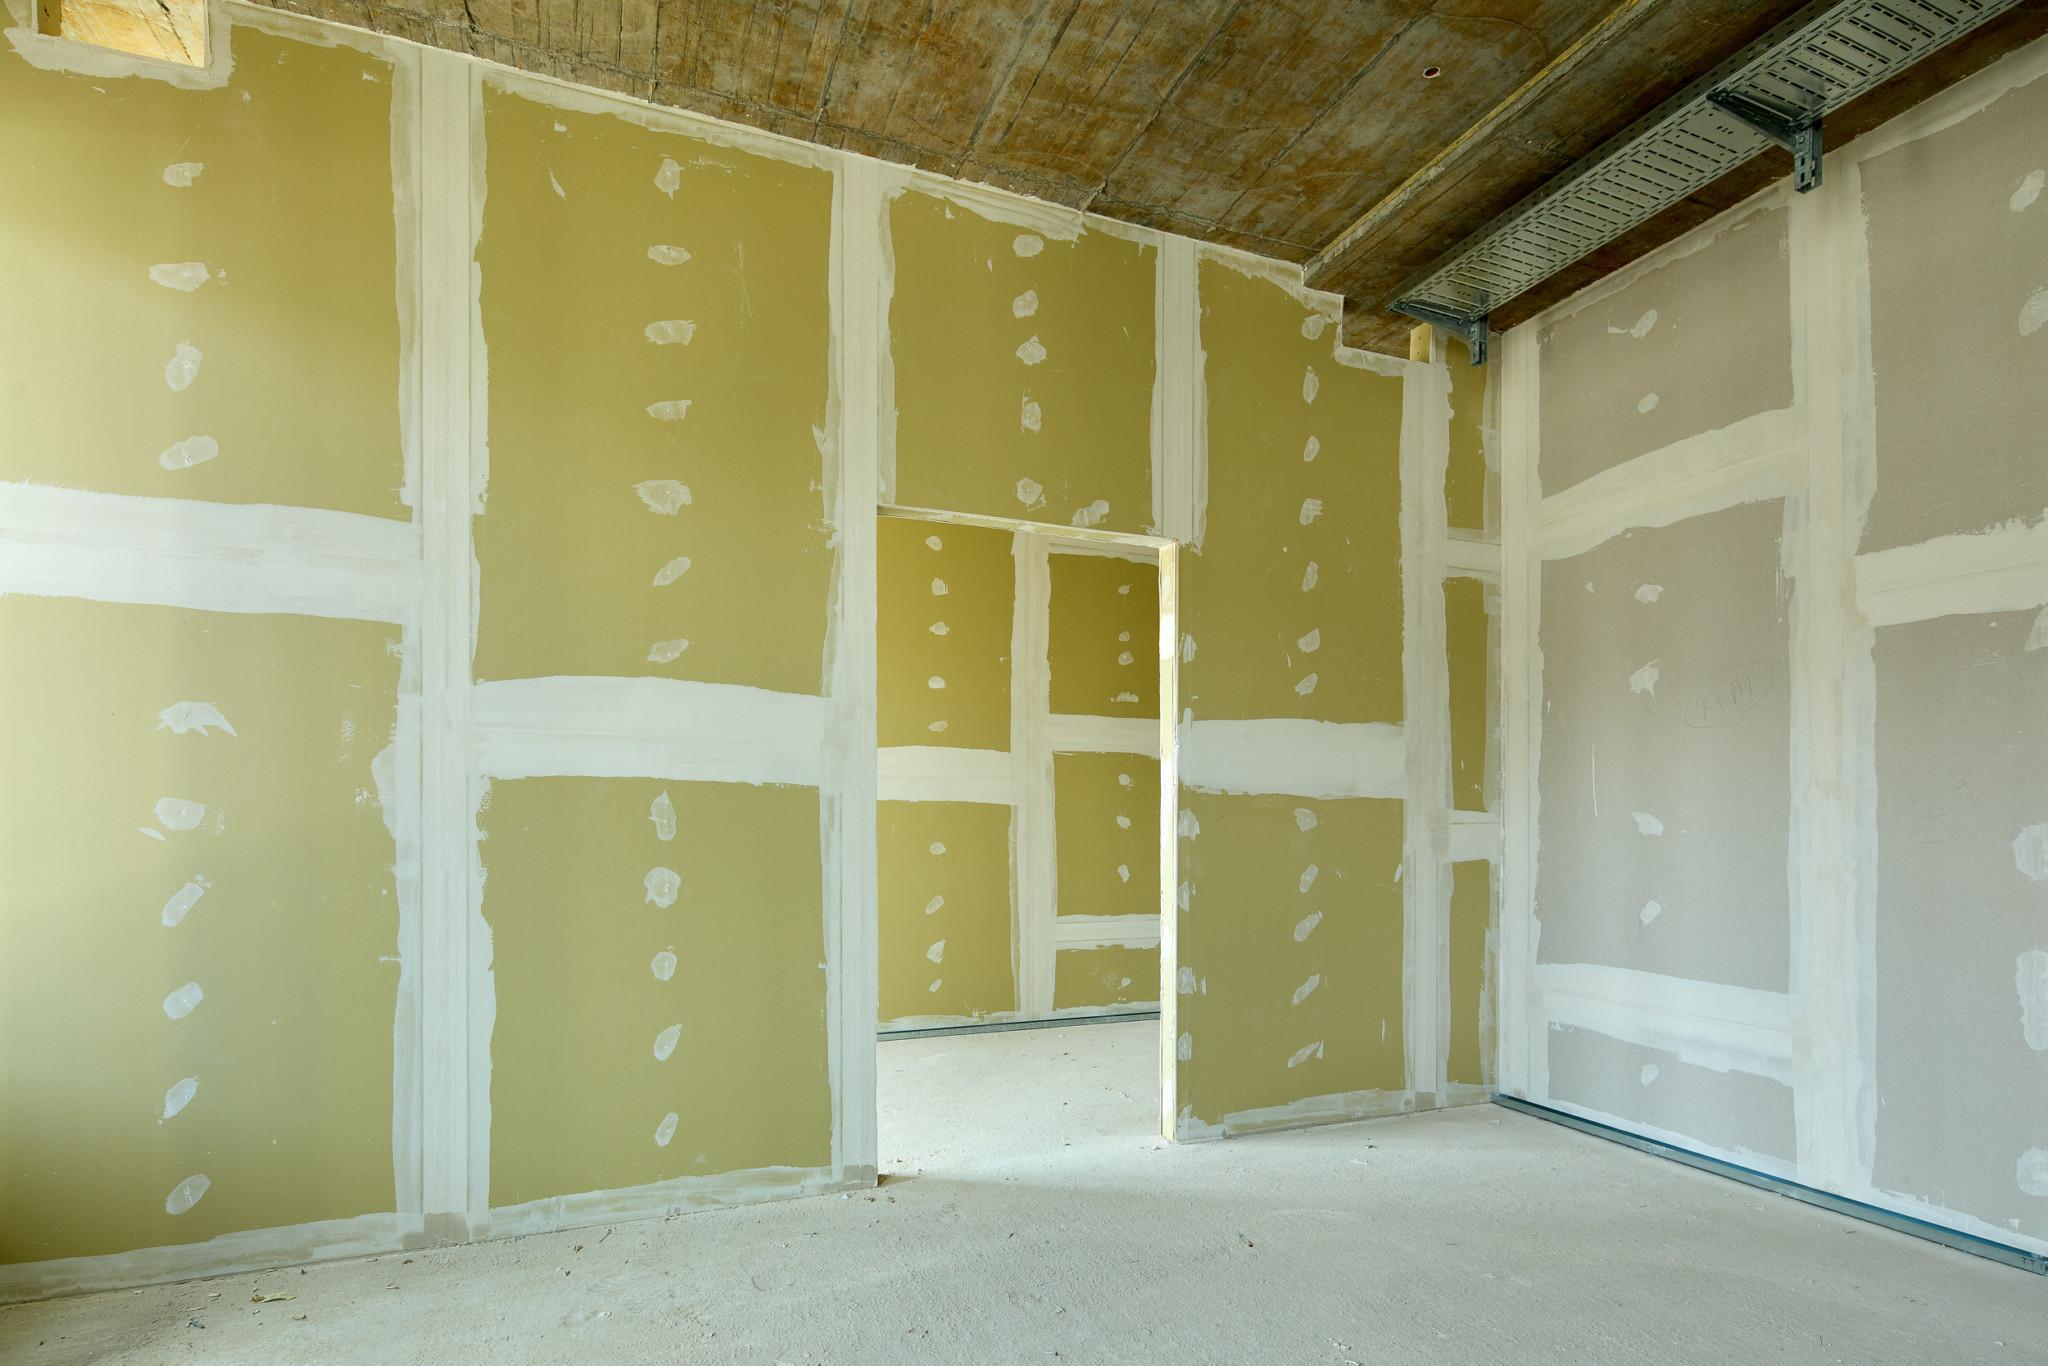 Ein Zimmer im Rohbau. Die Tür in der Bildmitte führt in einen anderen Raum, der ebenfalls sich im Rohbau befindet. Besonders ist, dass der Putz wie Malerie wirkt.